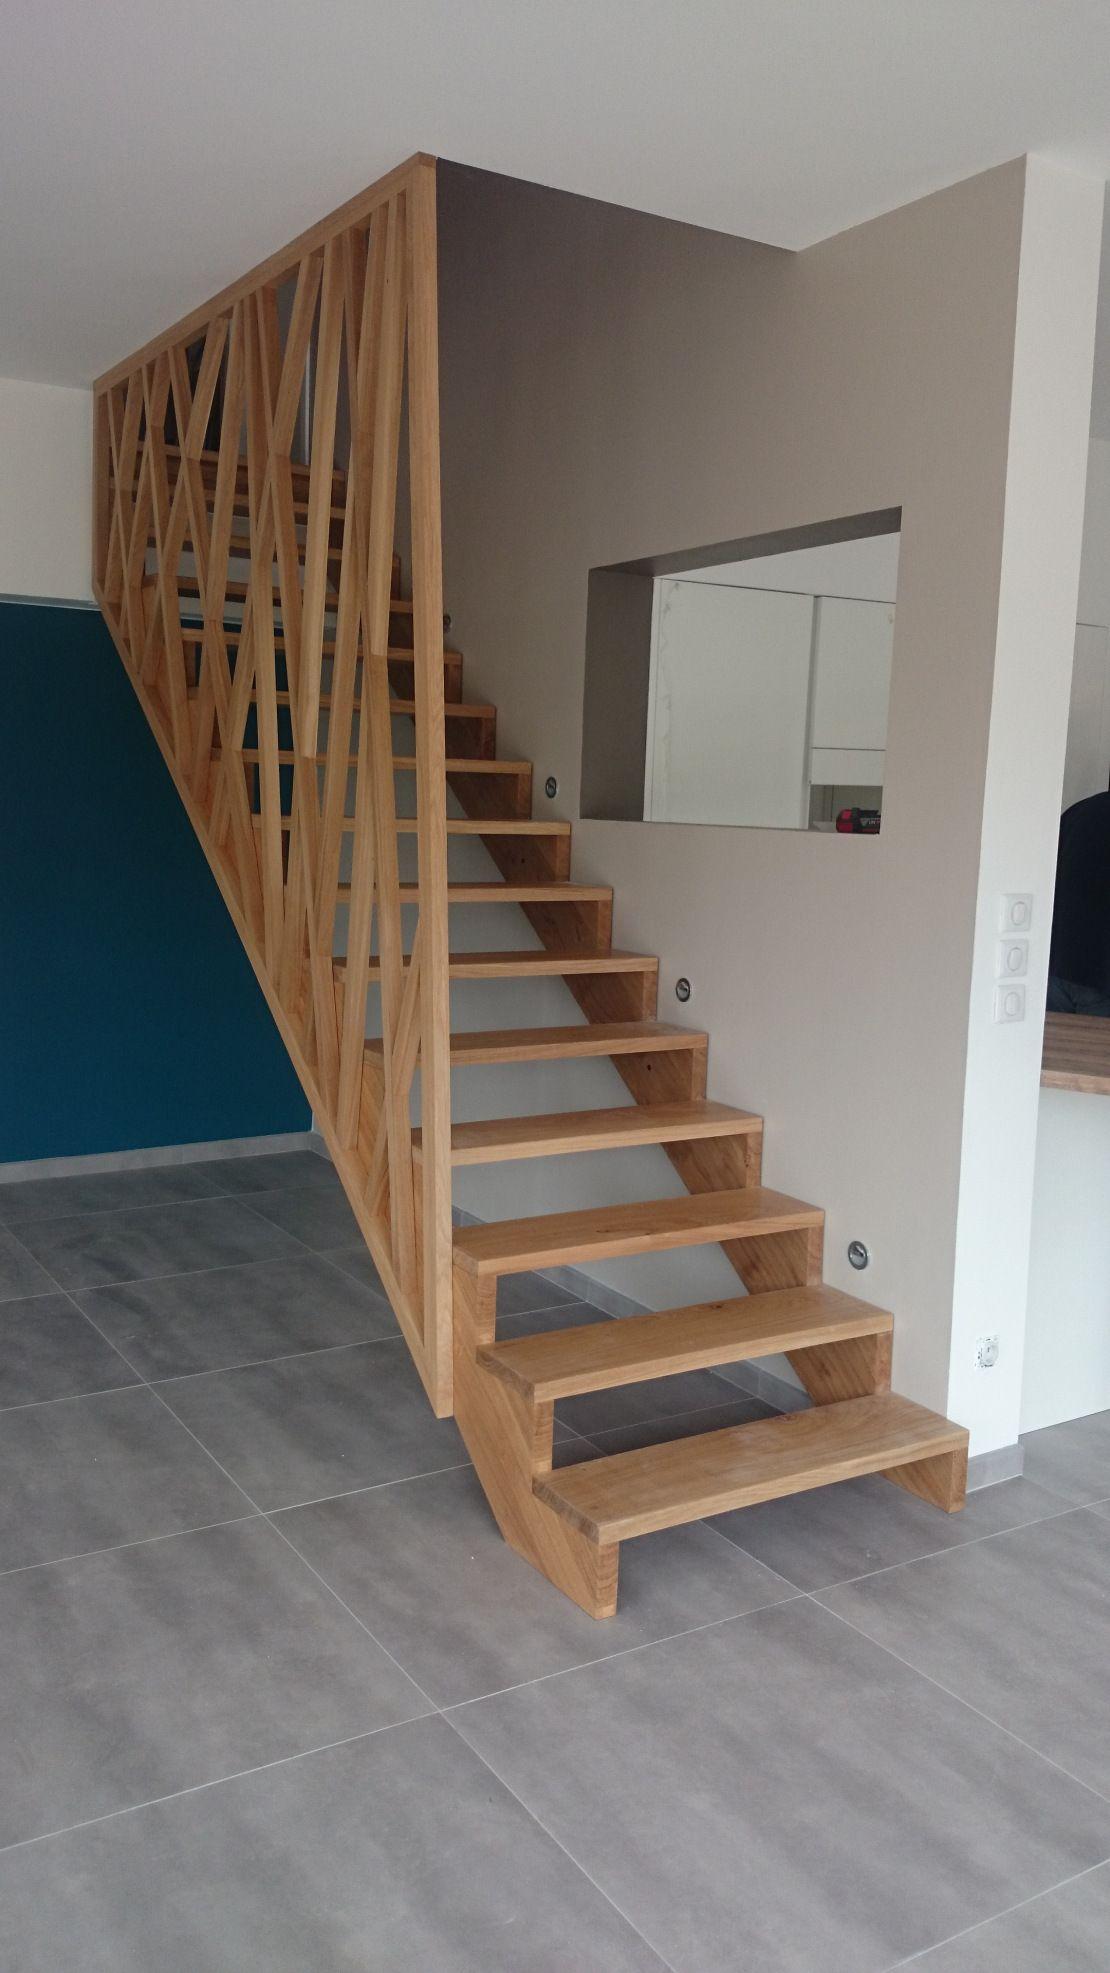 Escalier Et Garde Corps Escaliers Interieur Idees Escalier Et